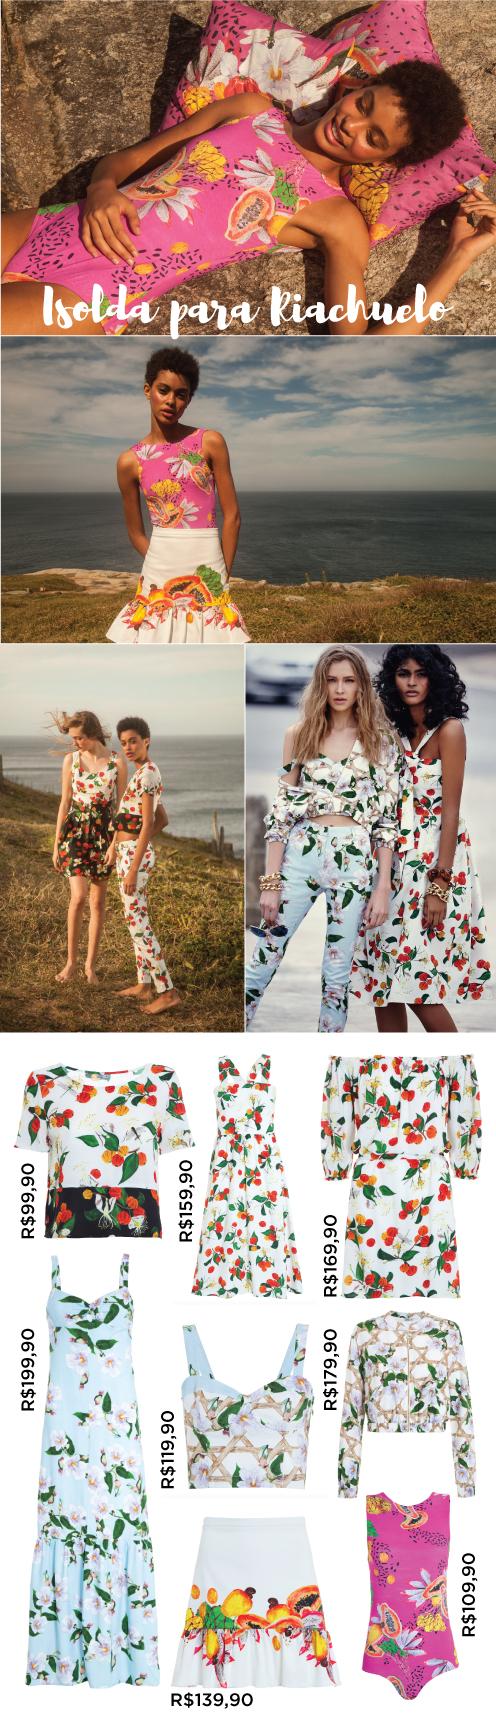 riachuelo-isolda-colecao-designer-fast-fashion-moda-blog-dica